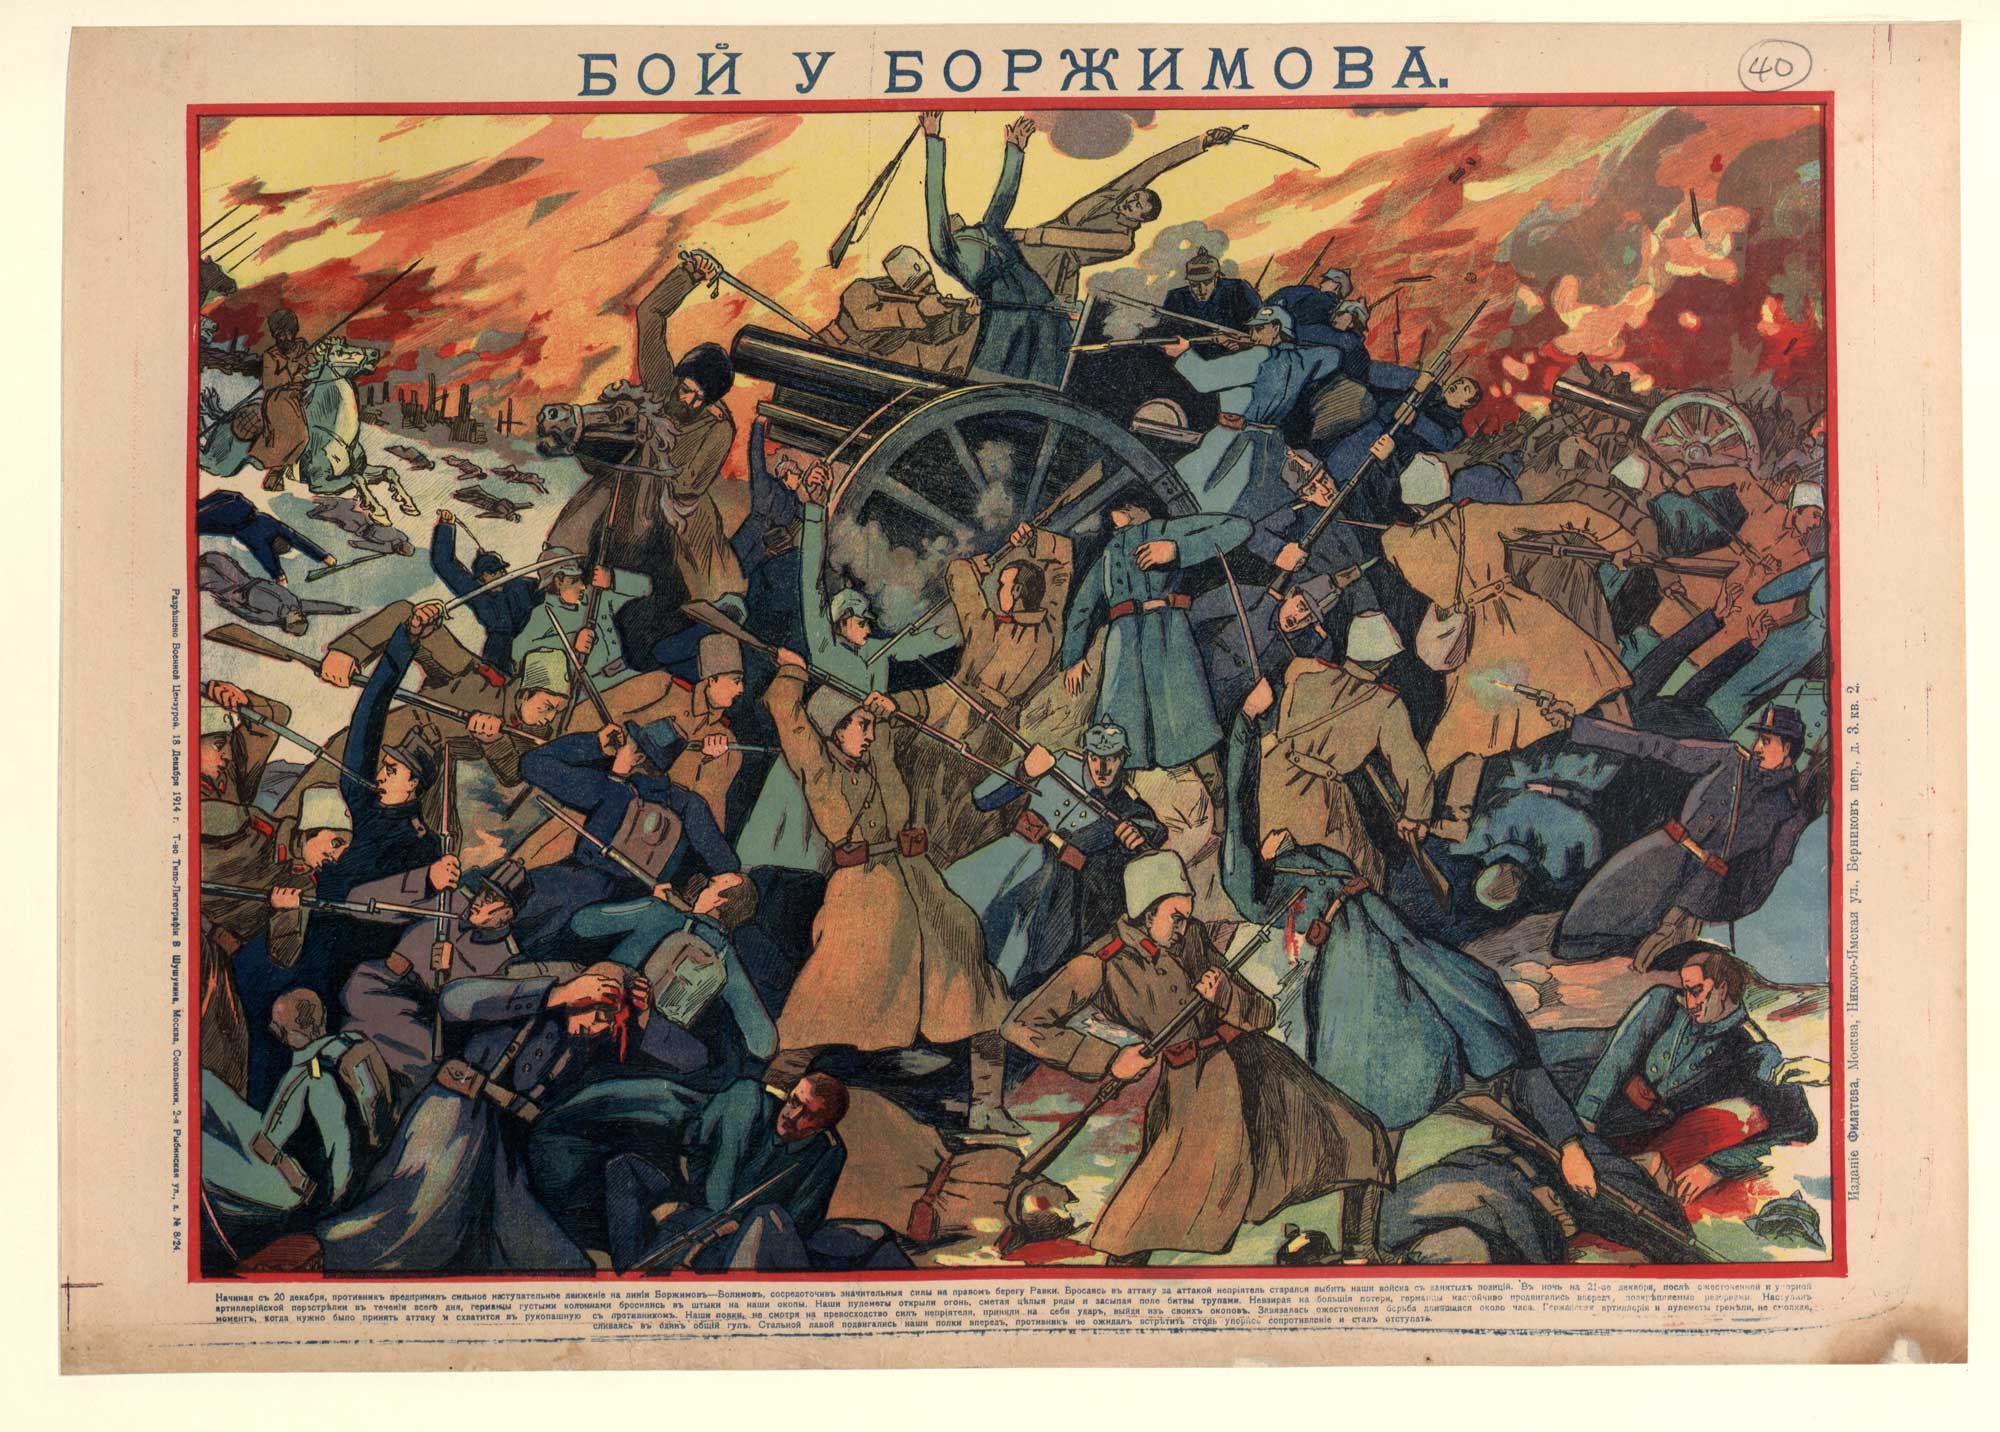 The Battle of Borjimow